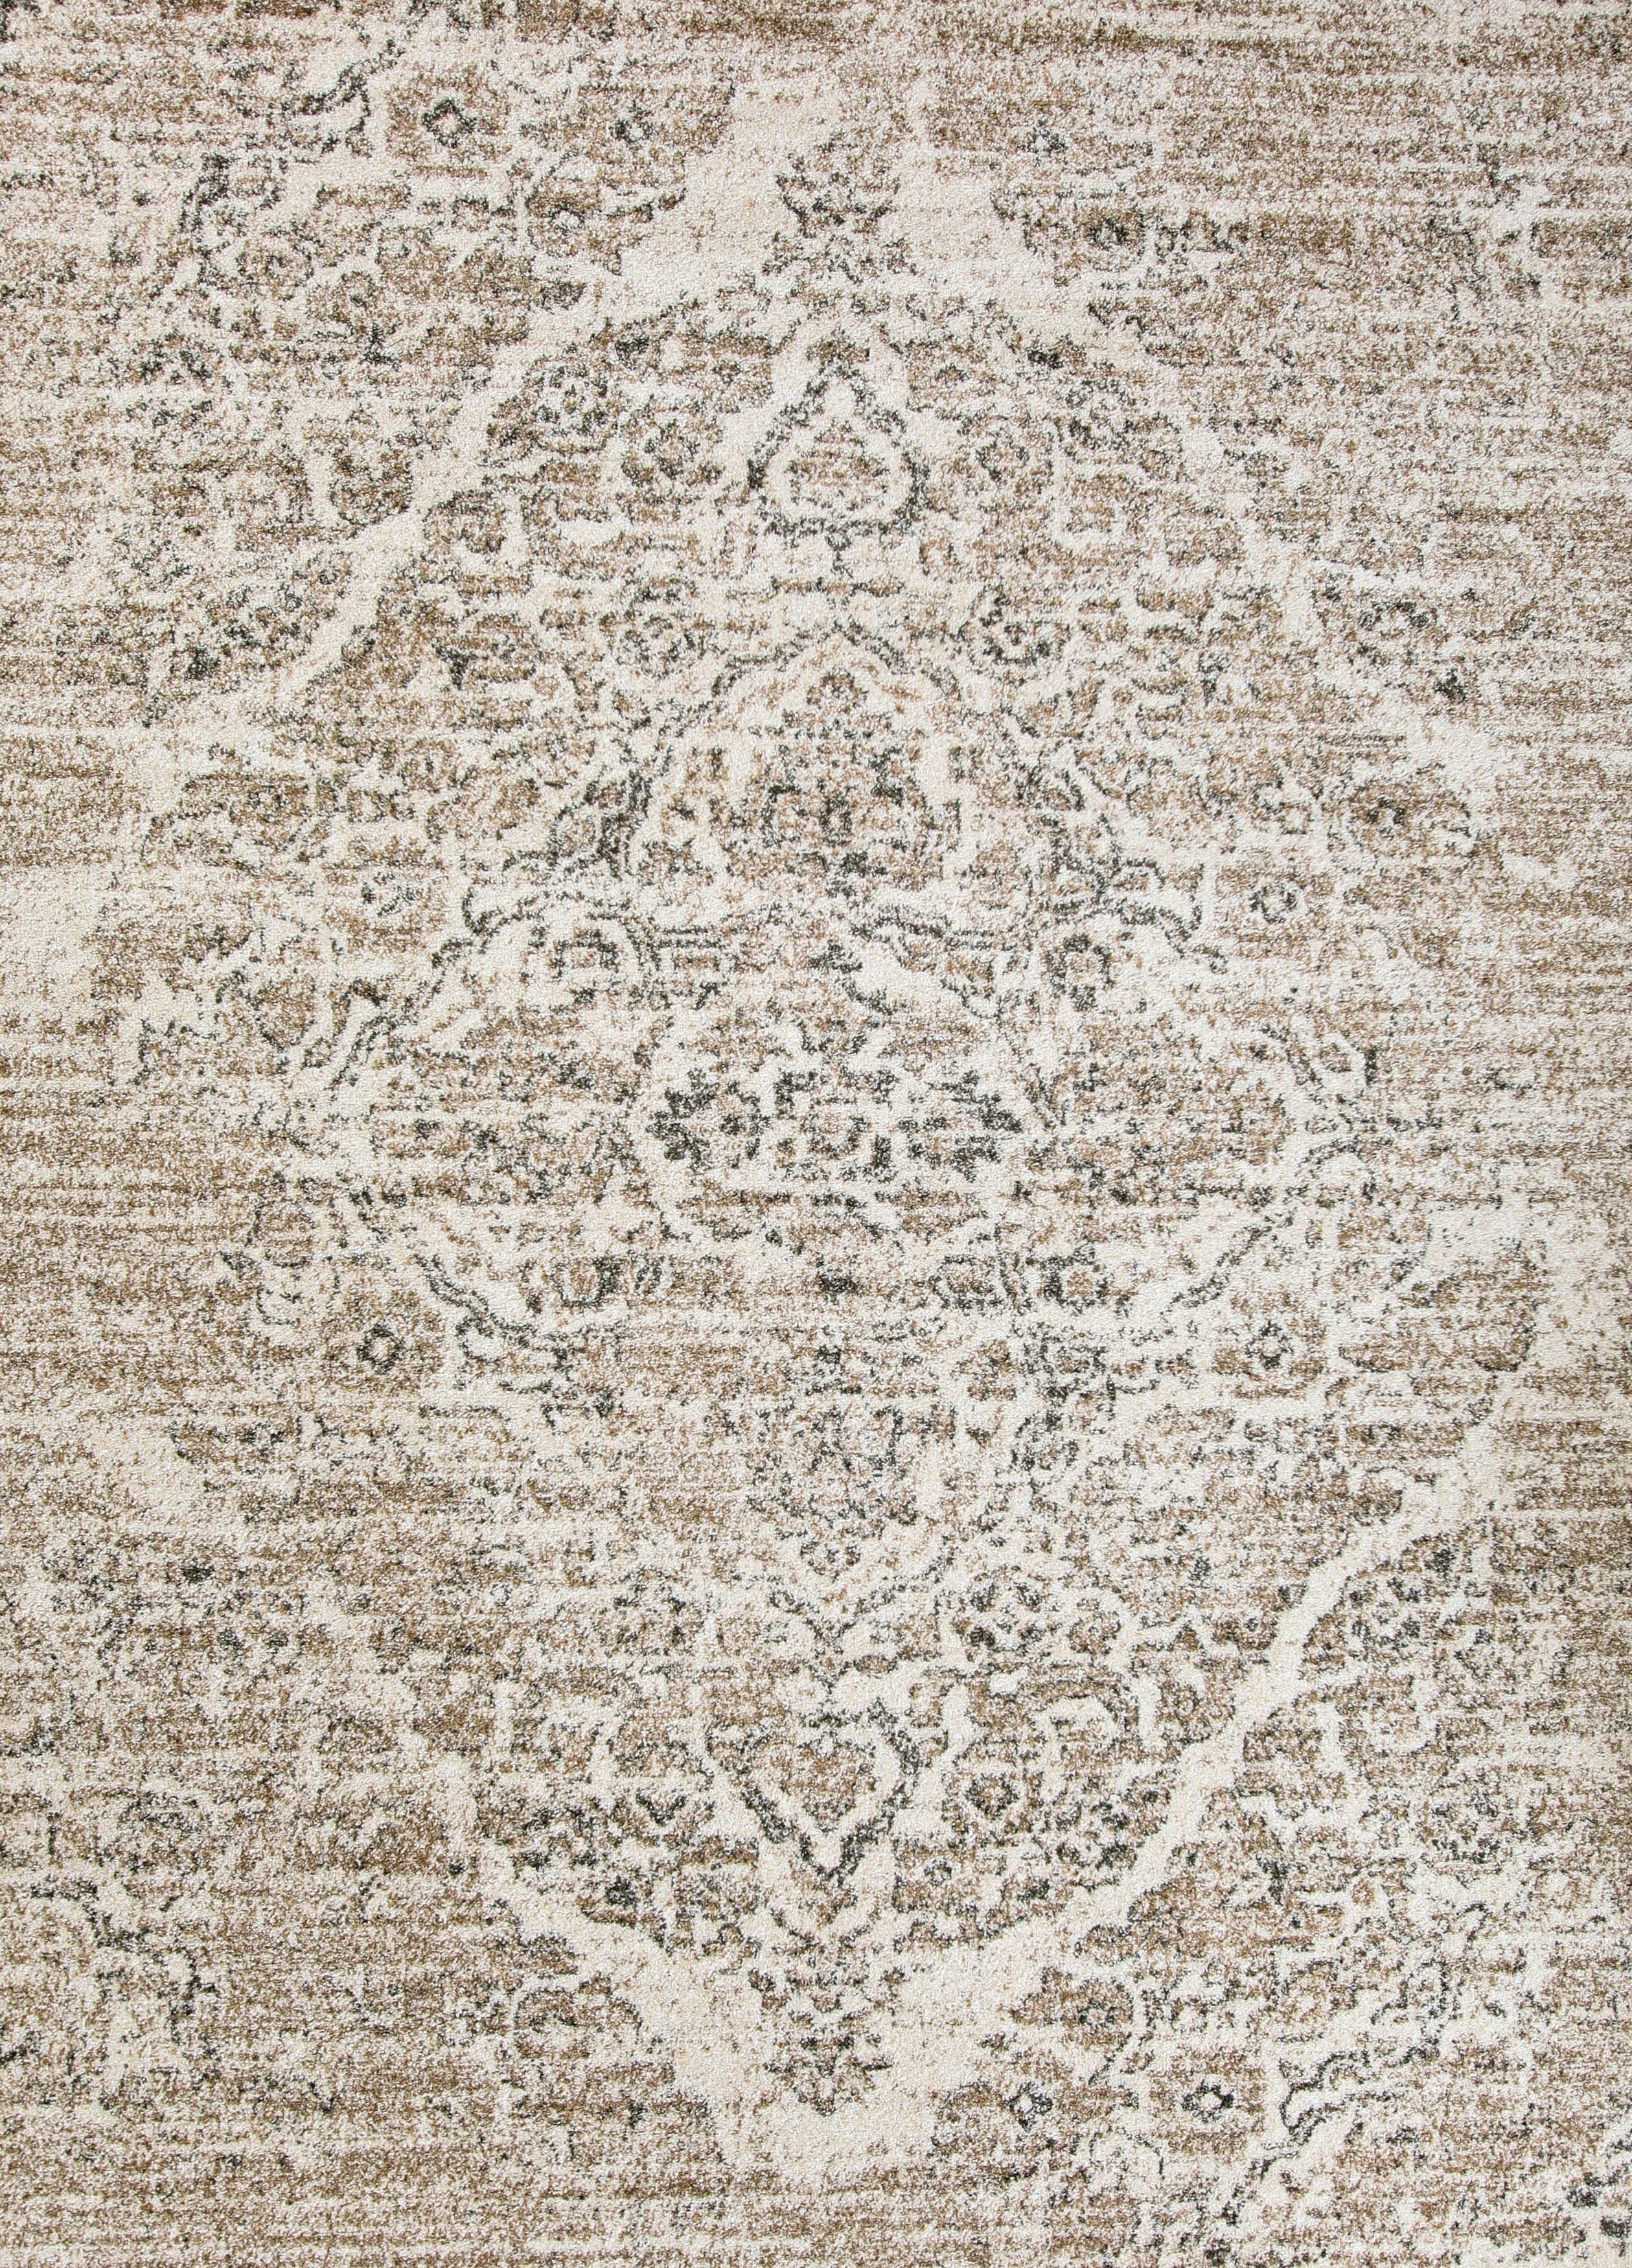 b6f9838bc7c 4620 Distressed Cream 7 10x10 6 Area Rug Carpet Large New